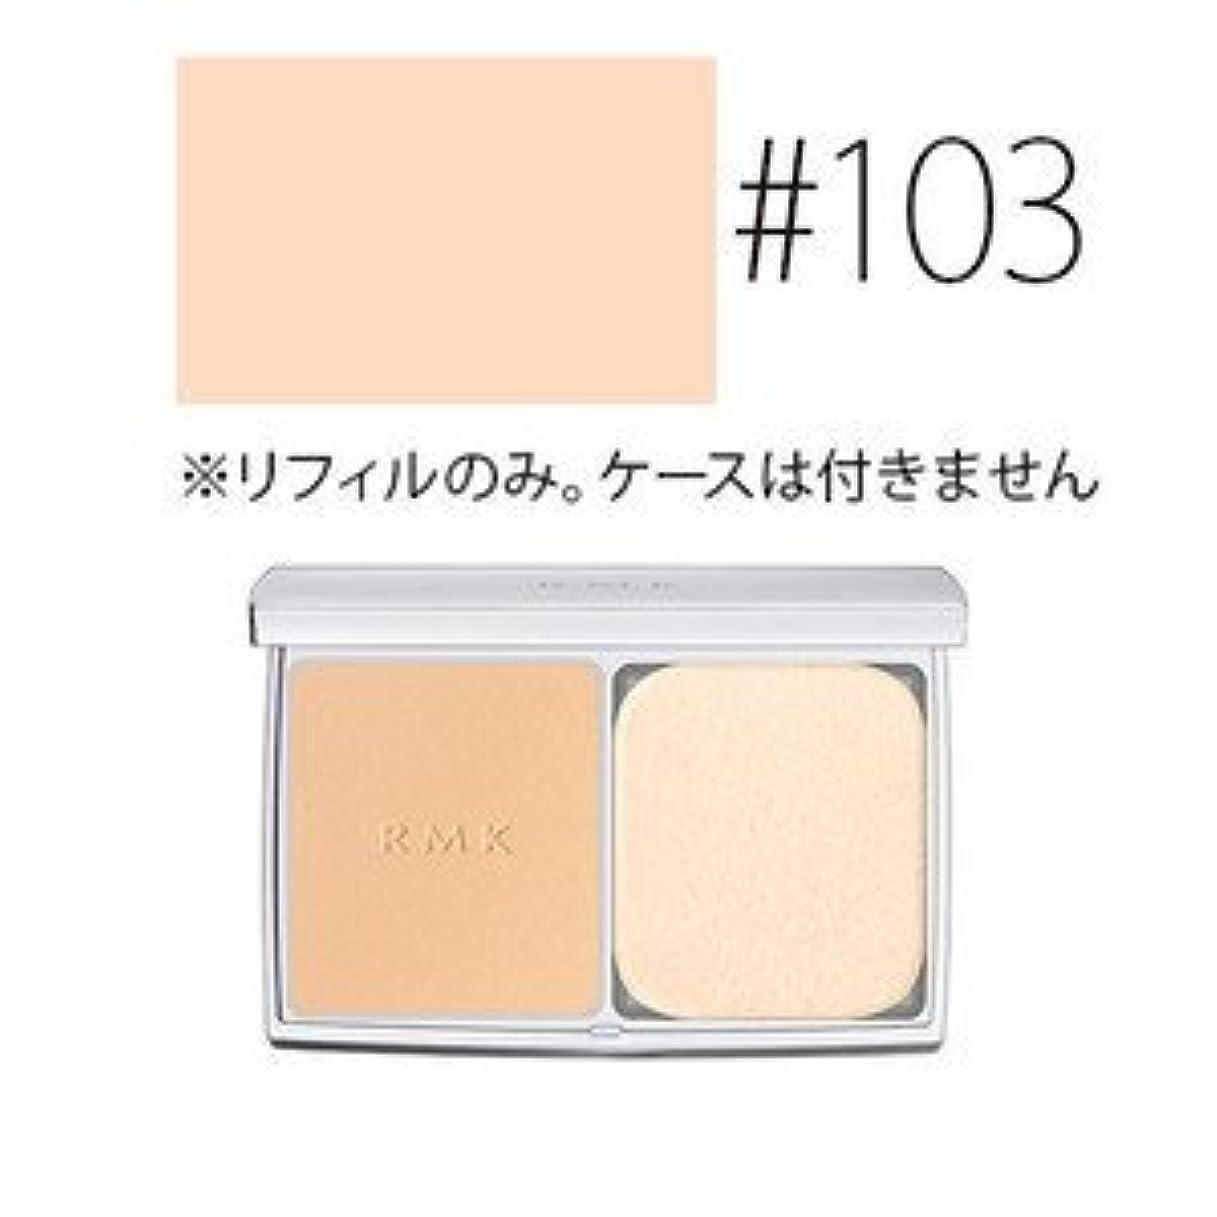 デイジー普通の線【RMK (ルミコ)】UVパウダーファンデーション (レフィル) #103L 11g